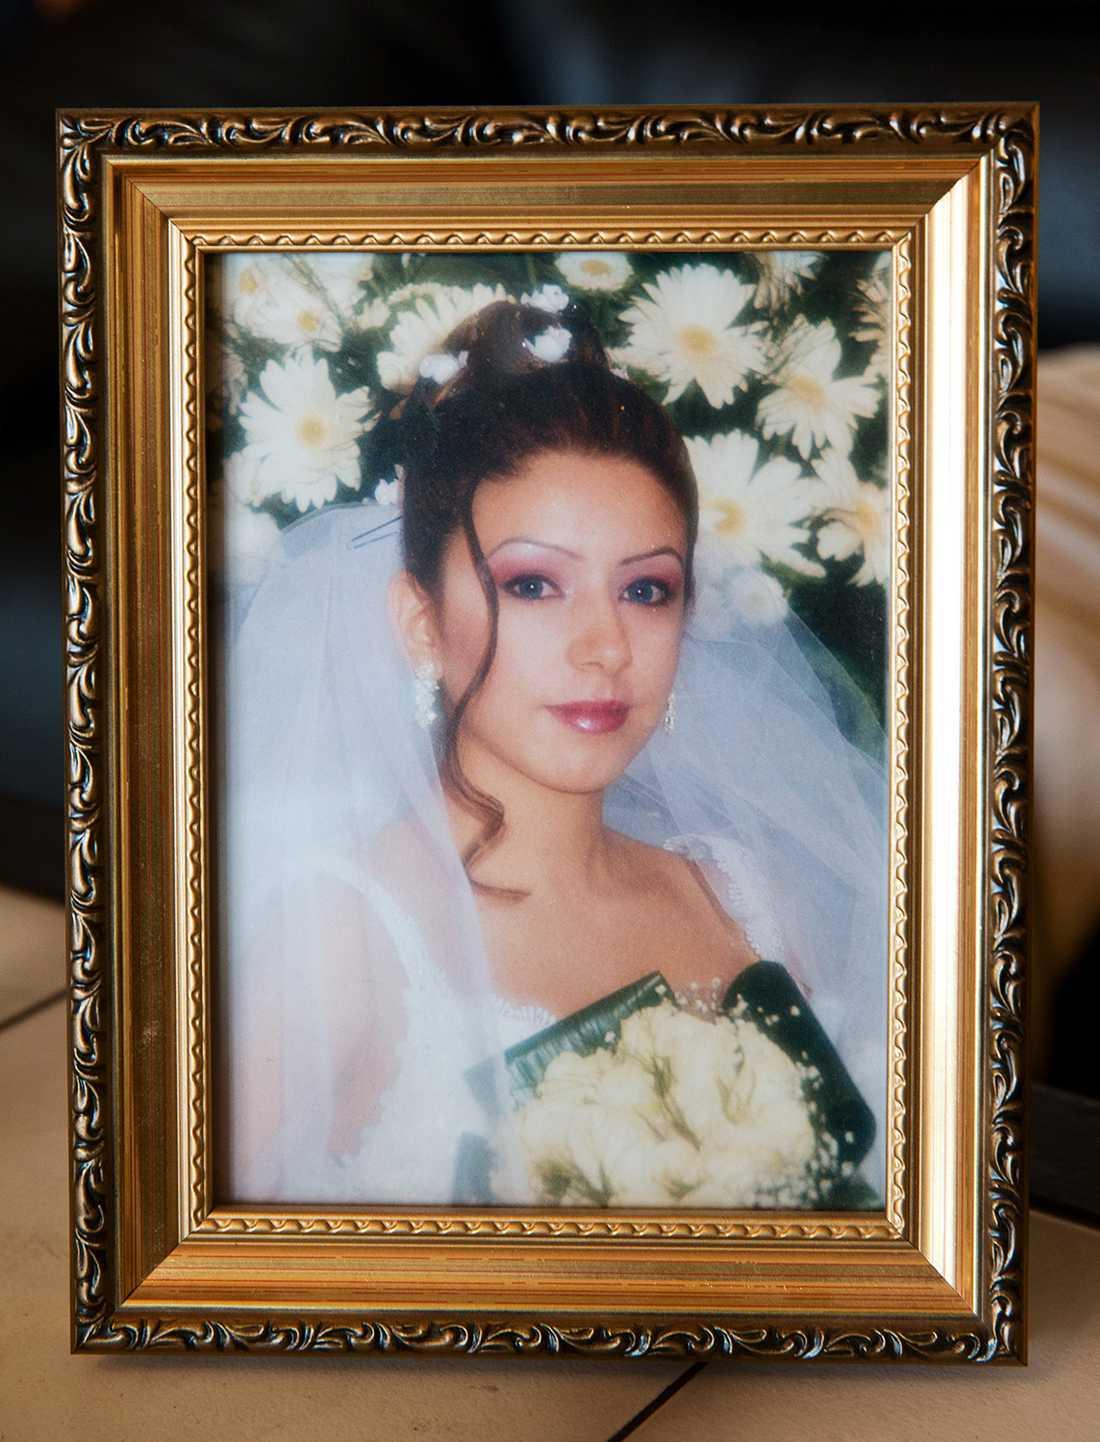 I december 2002 försvann 18-åriga Marua när hon skulle handla julklappar med vän i Malmö.